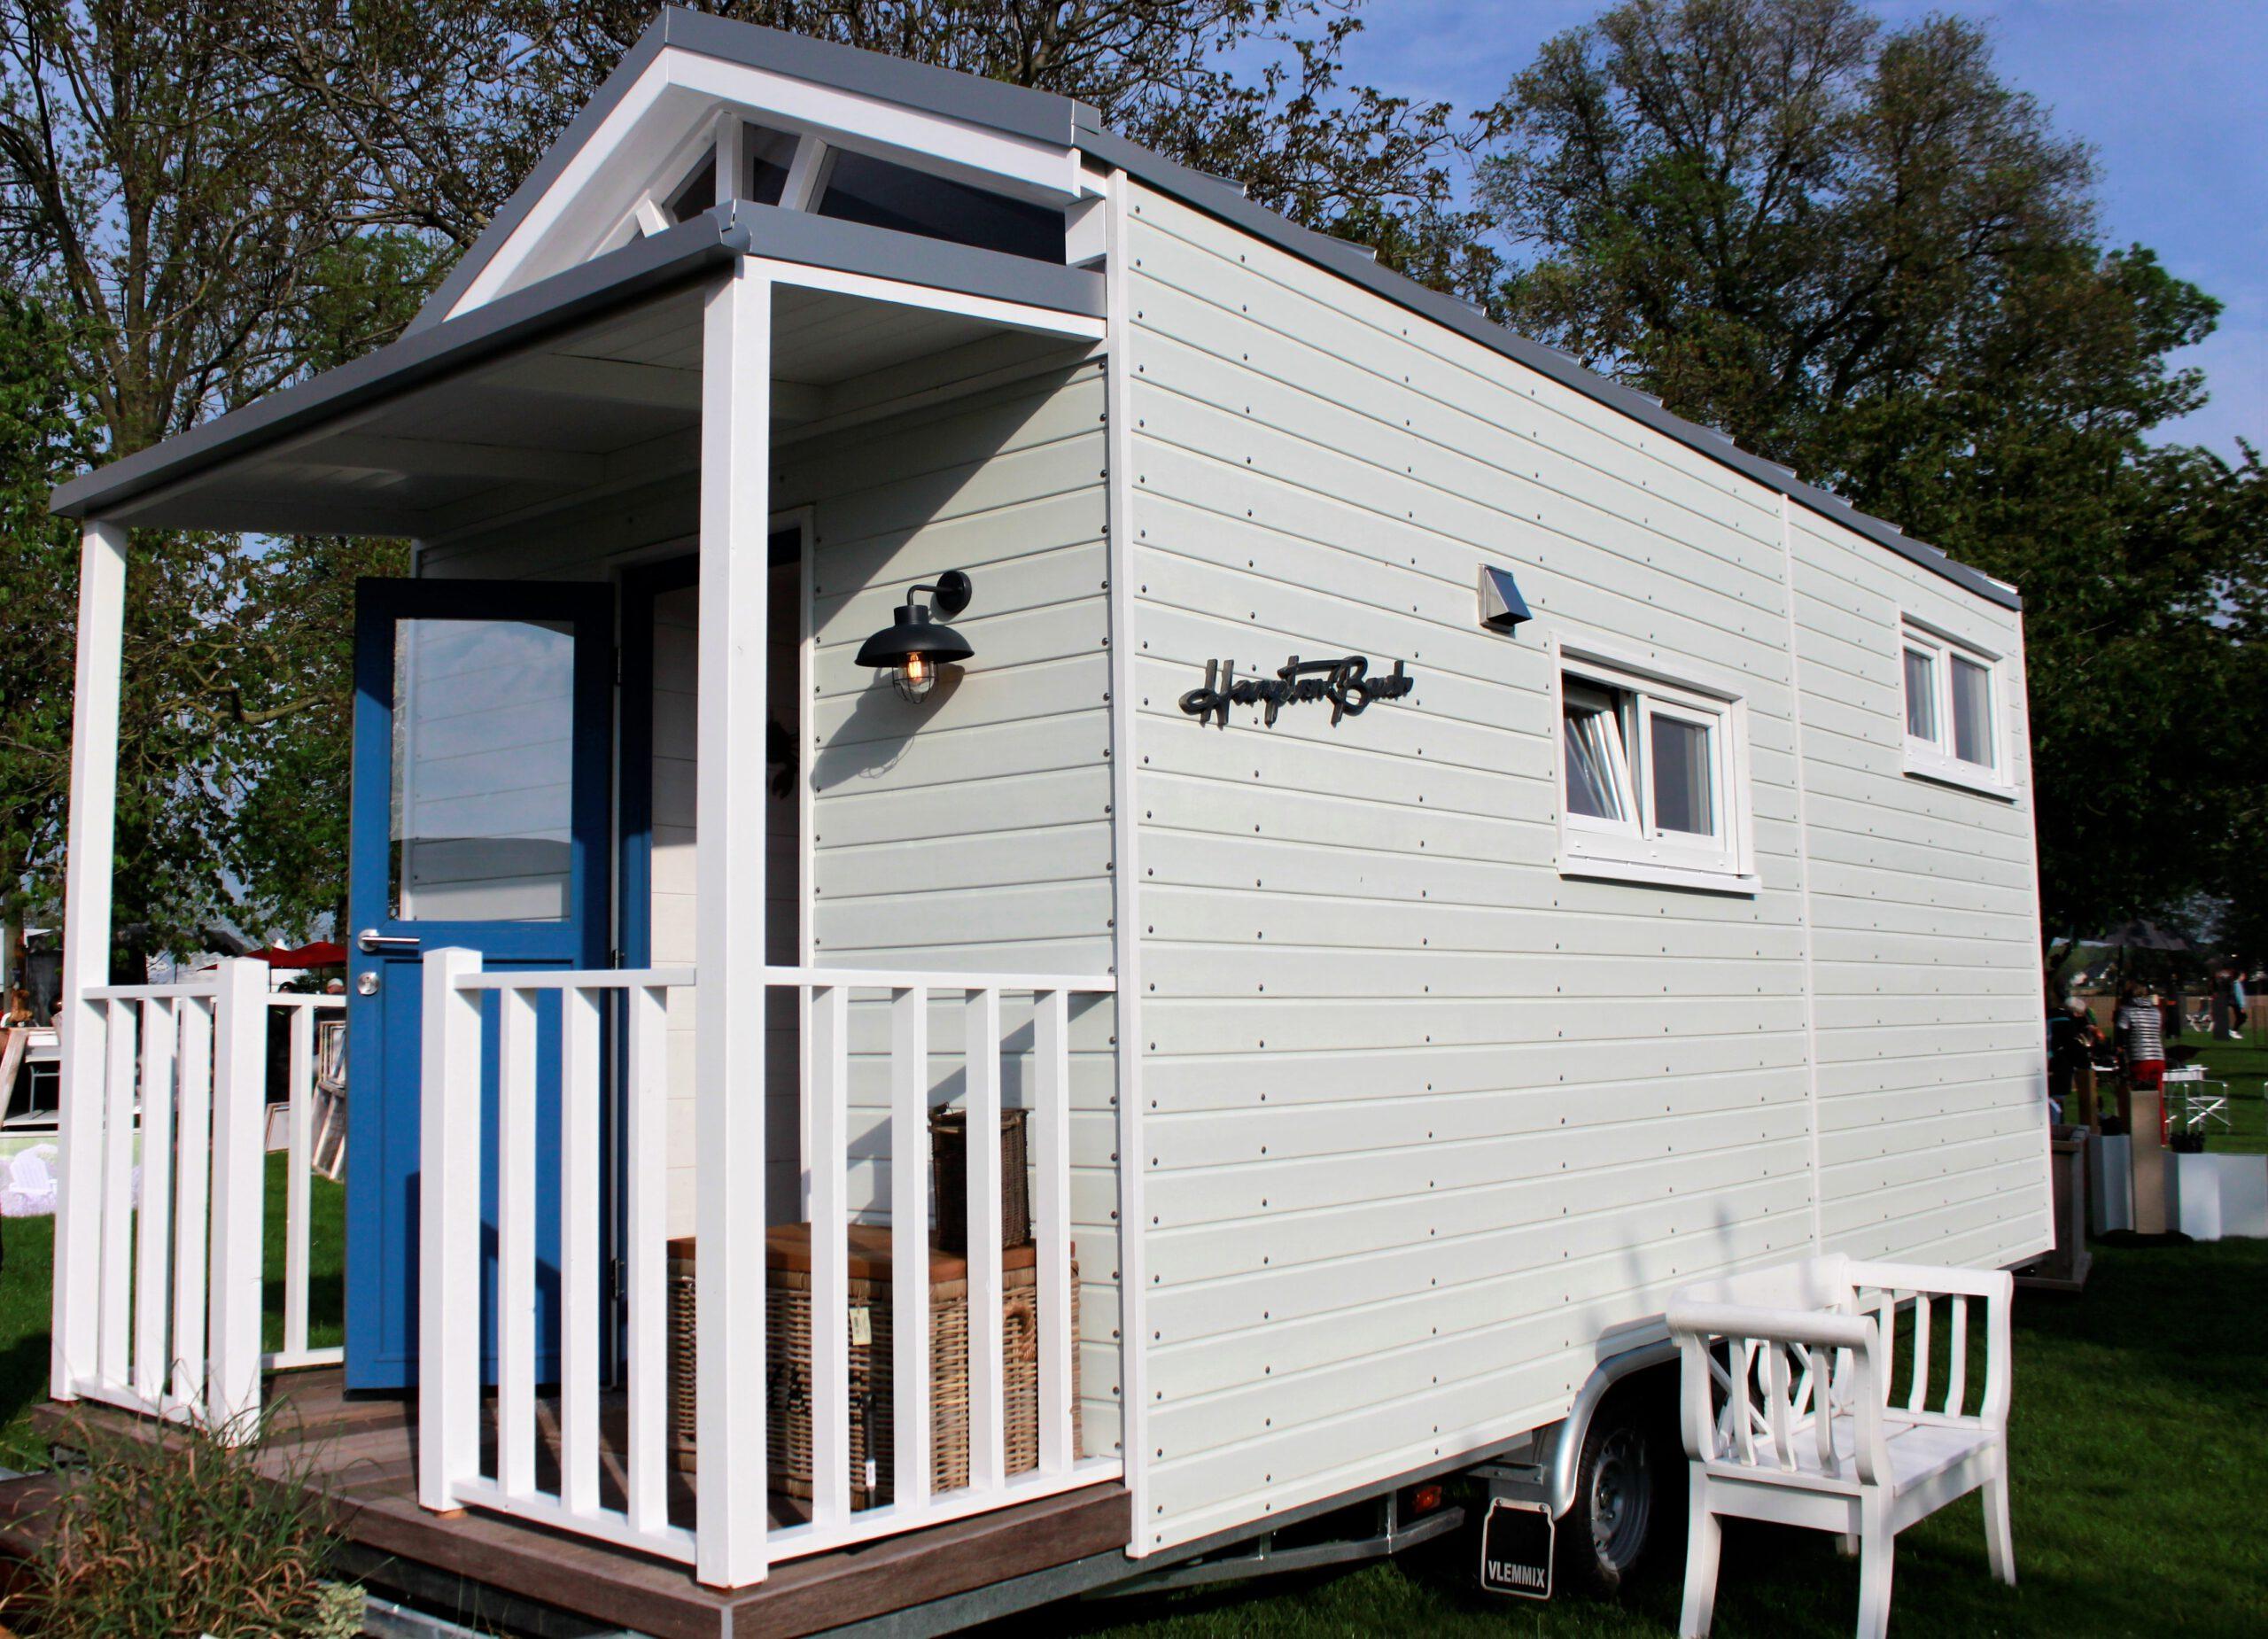 Das Äußere des Tiny Houses Ems erinnert an ein Strandhaus